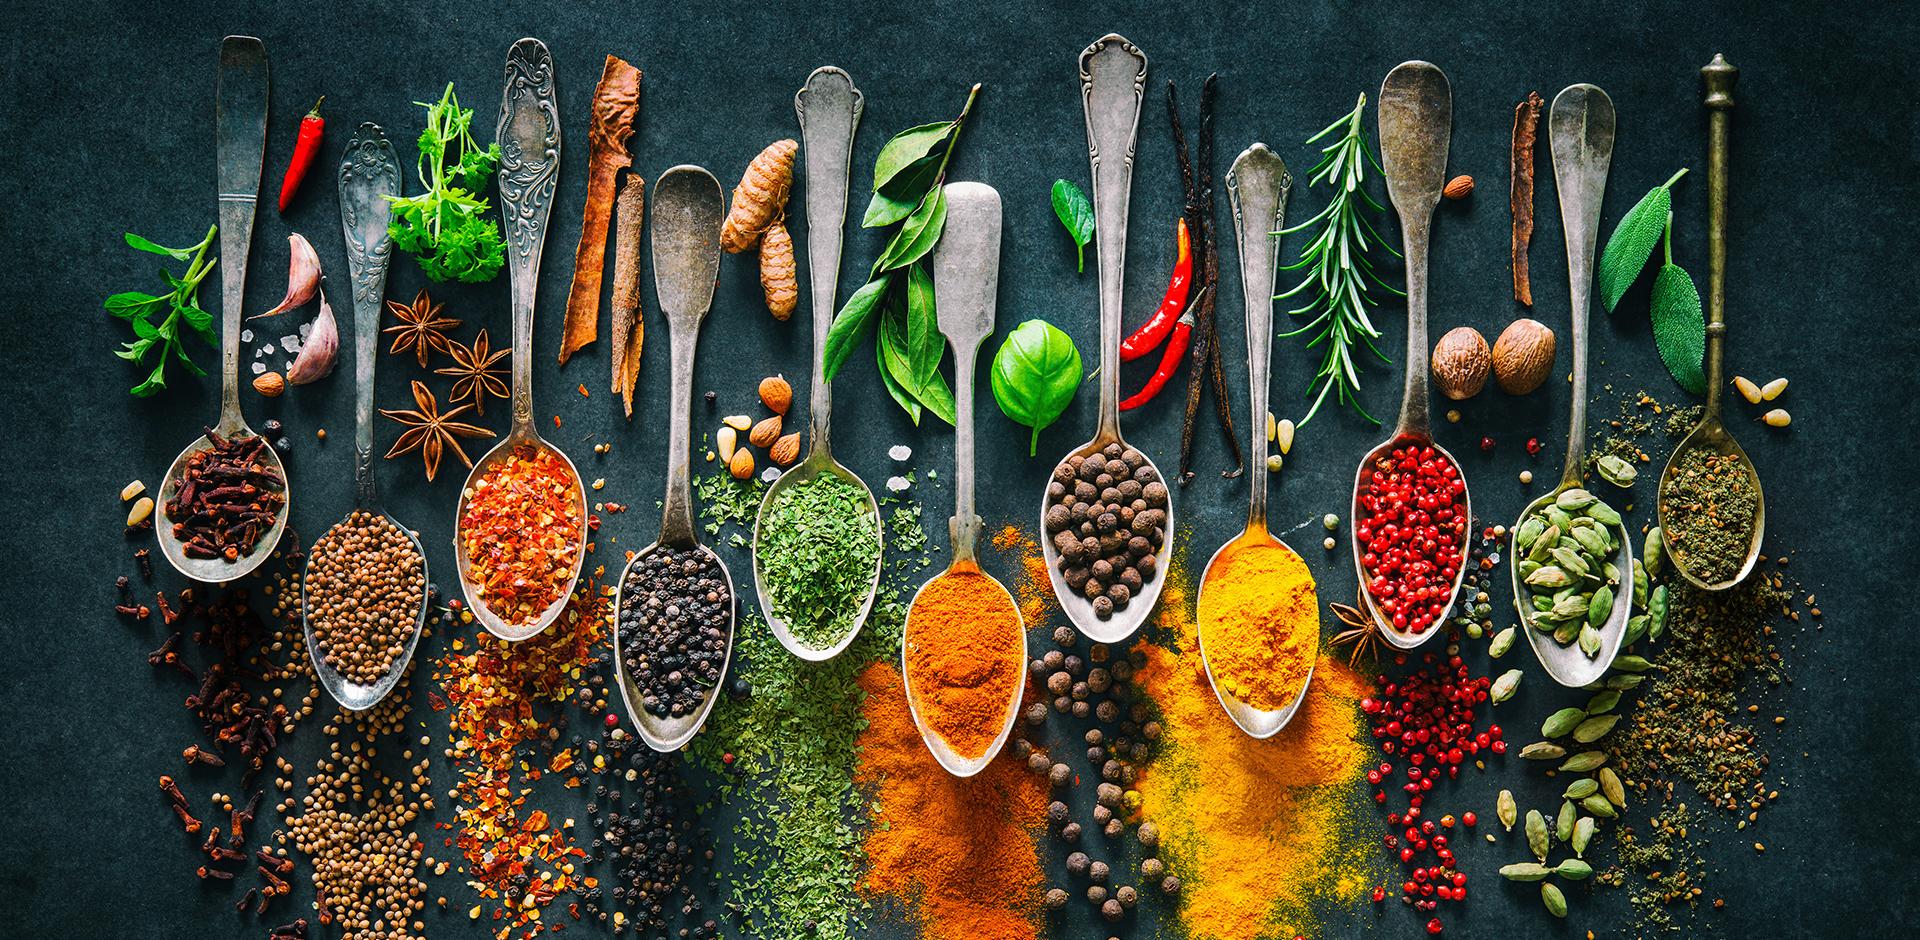 Przyprawy, które podkręcają smak i metabolizm